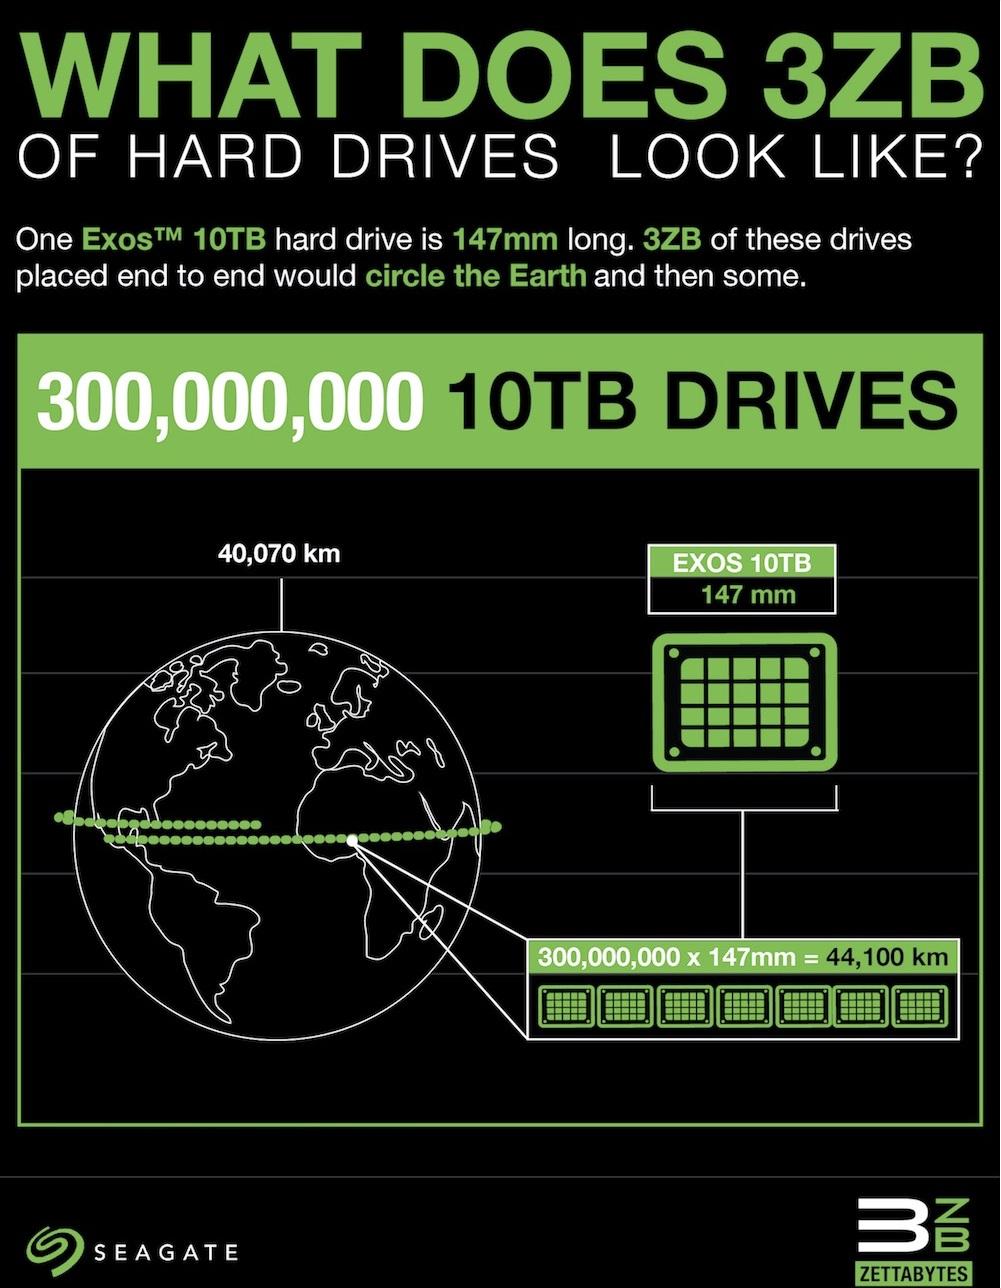 Общий объём жёстких дисков Seagate, выпущенных за всю историю, перевалил за 3 зеттабайт